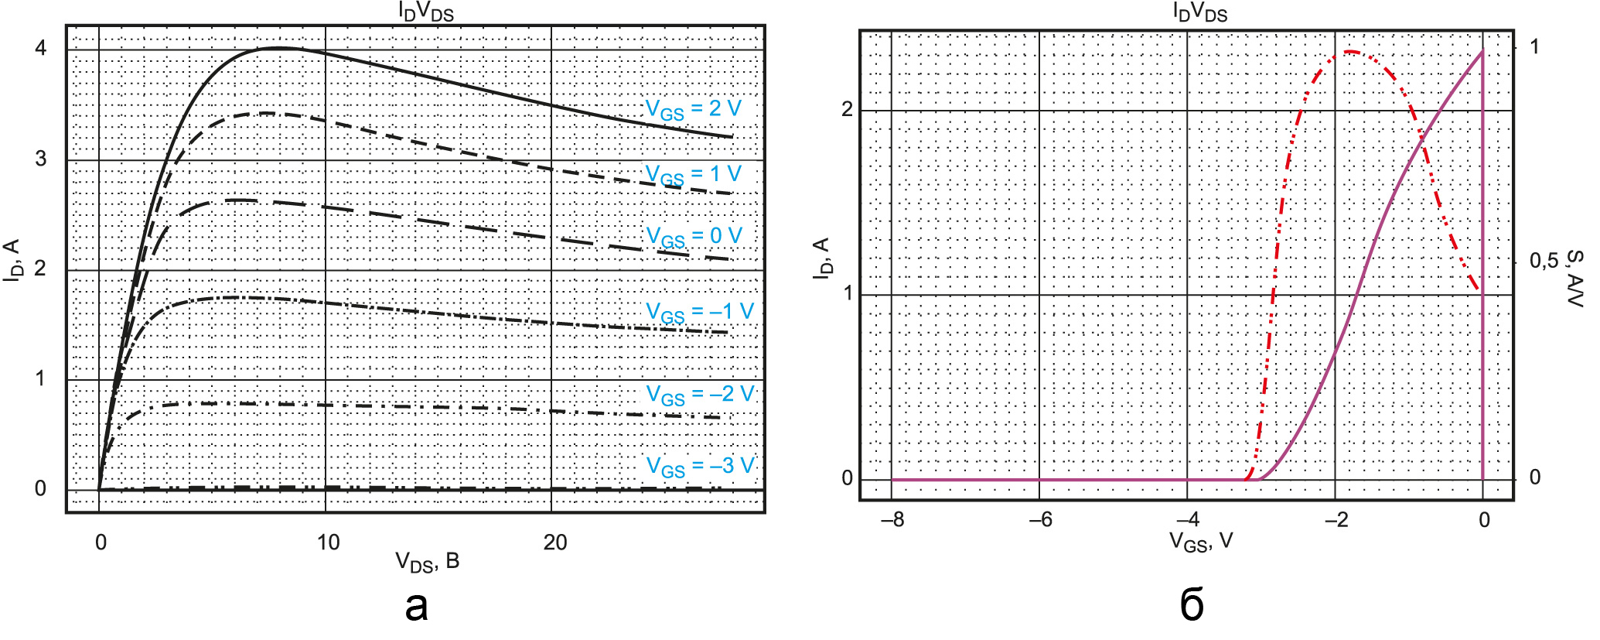 Расчетная выходная (а) и передаточная (б) вольт-амперные характеристики элементарной транзисторной ячейки с периметром затвора 5,6 мм